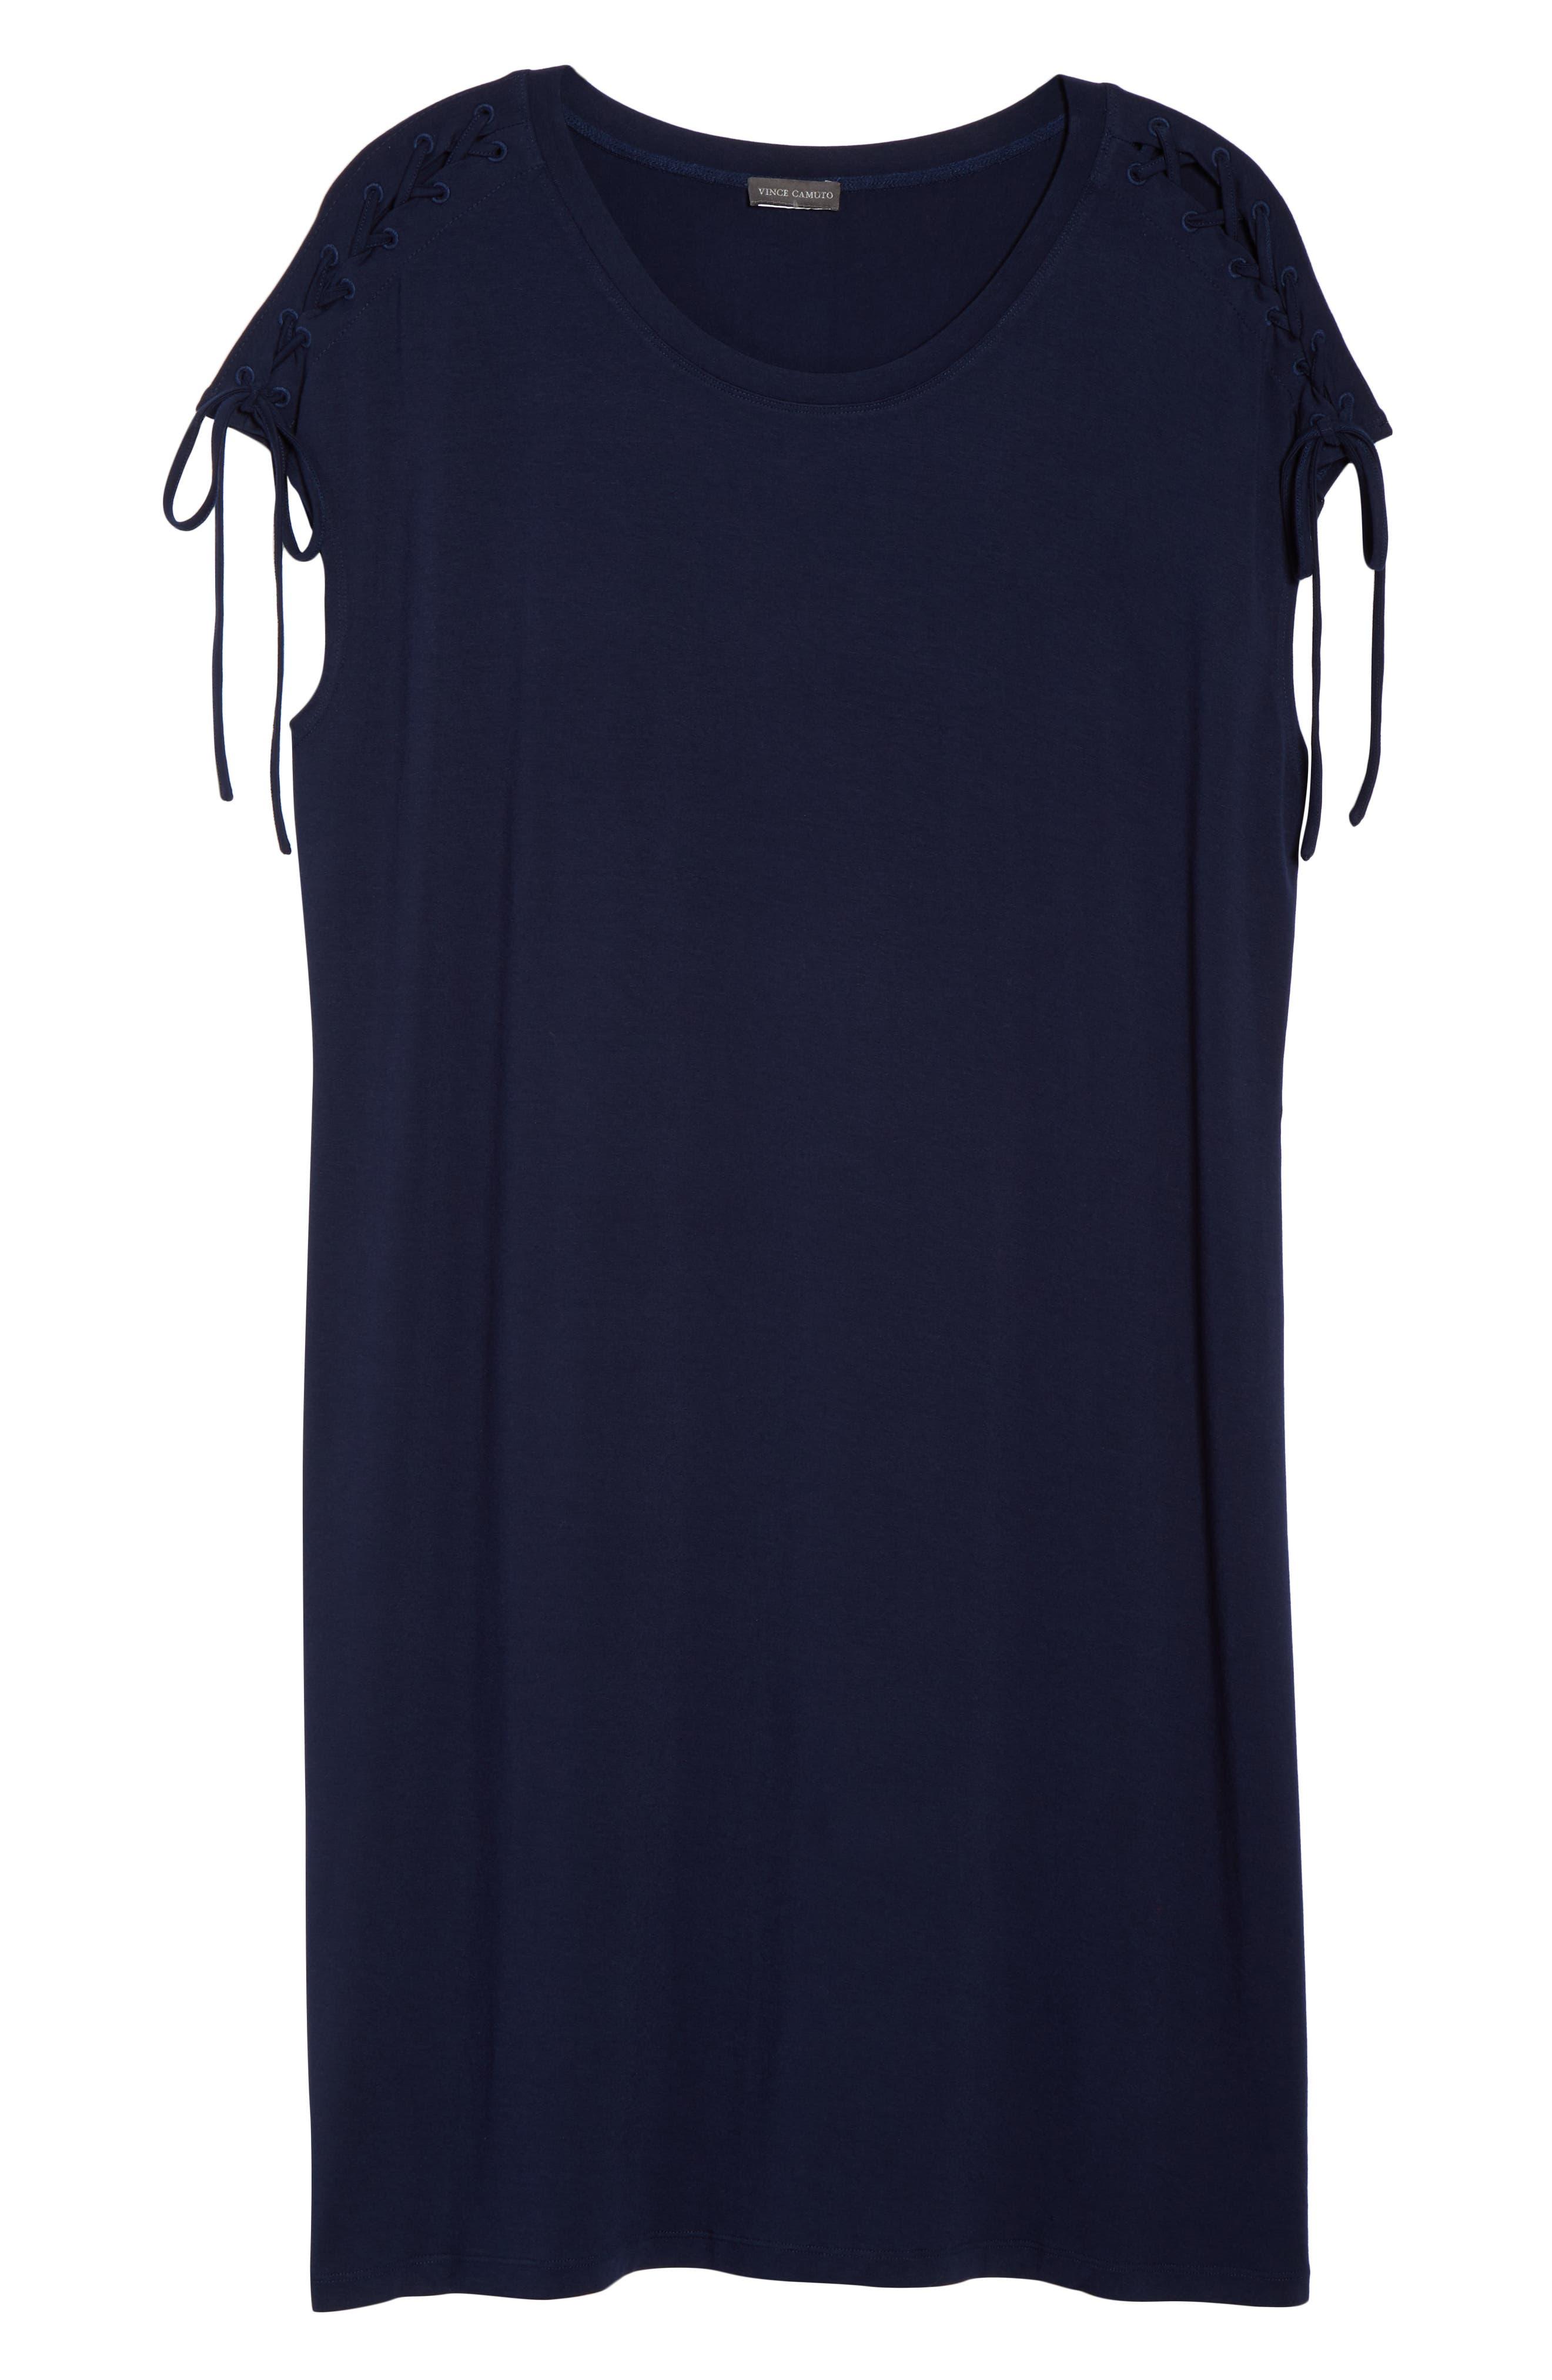 VINCE CAMUTO,                             Lace-Up Shoulder T-Shirt Dress,                             Alternate thumbnail 7, color,                             461